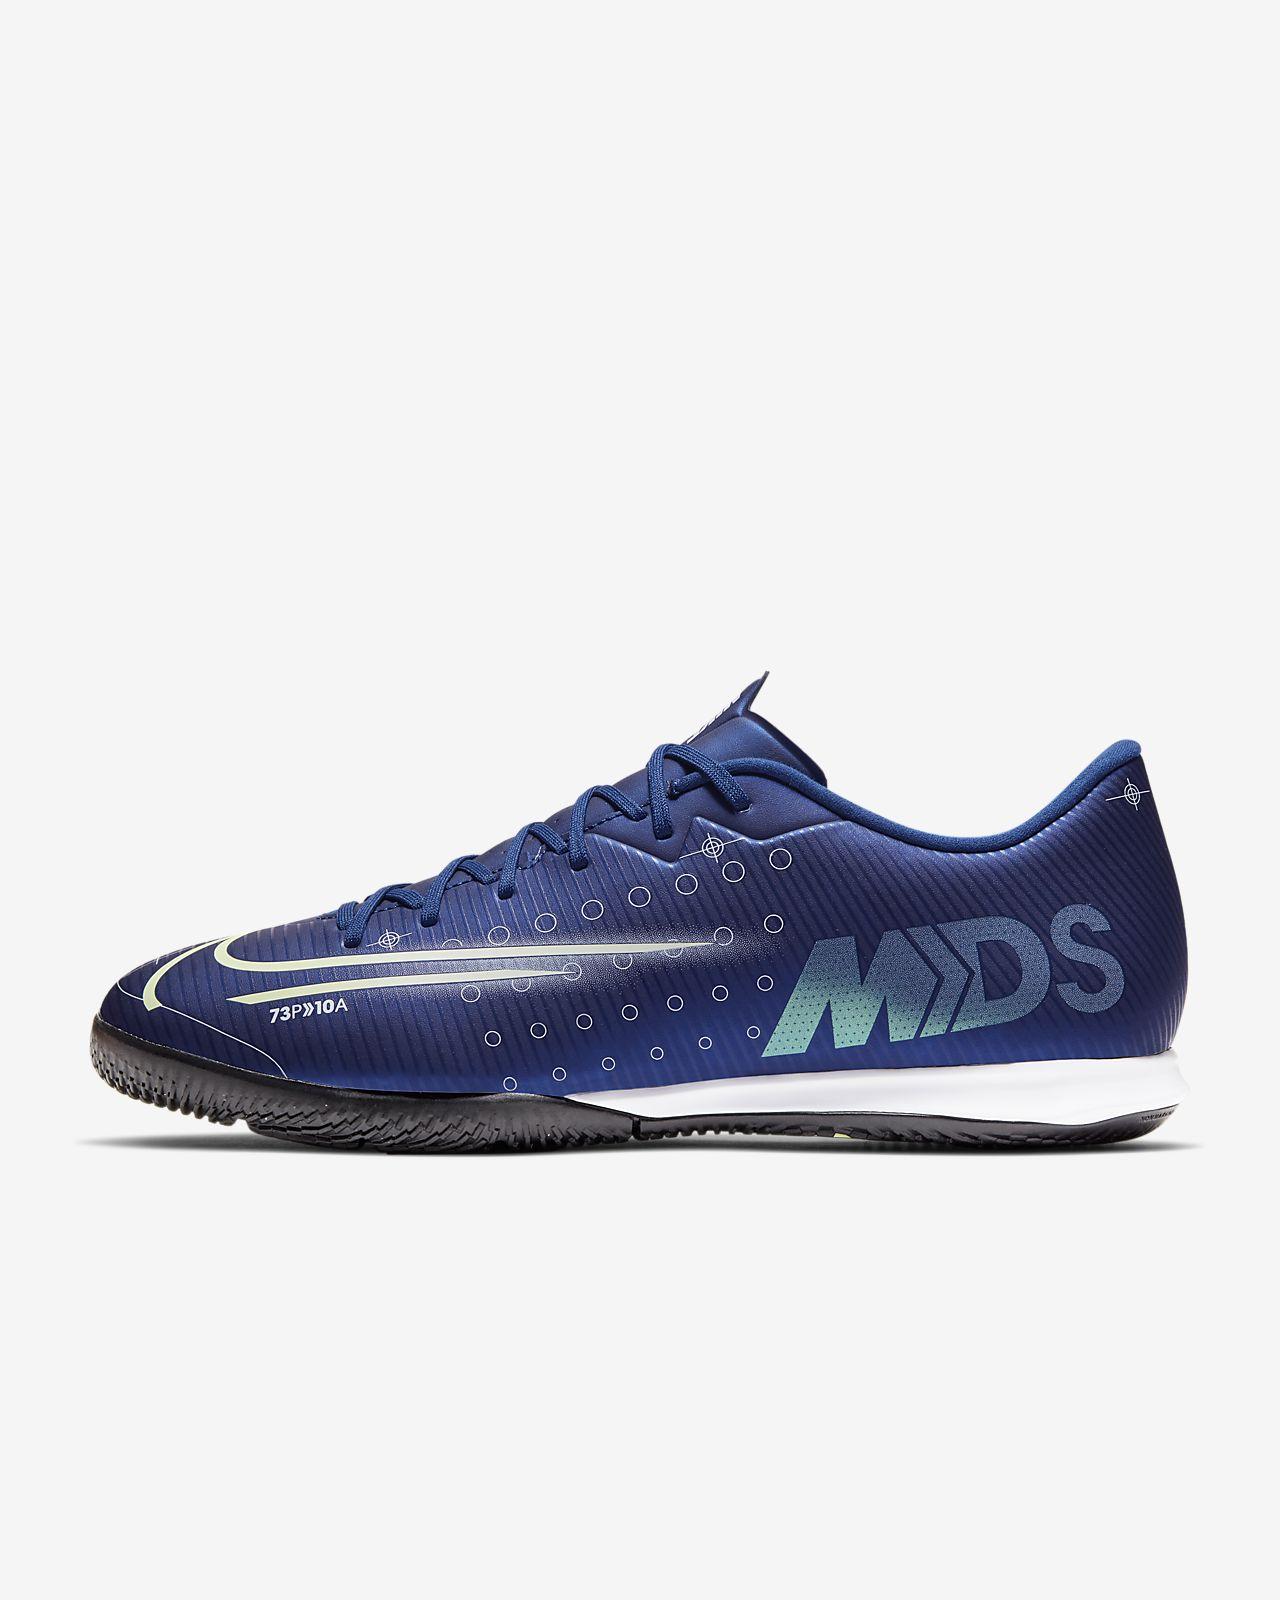 Fotbollssko Nike Mercurial Vapor 13 Academy MDS IC för inomhusplan/futsal/street